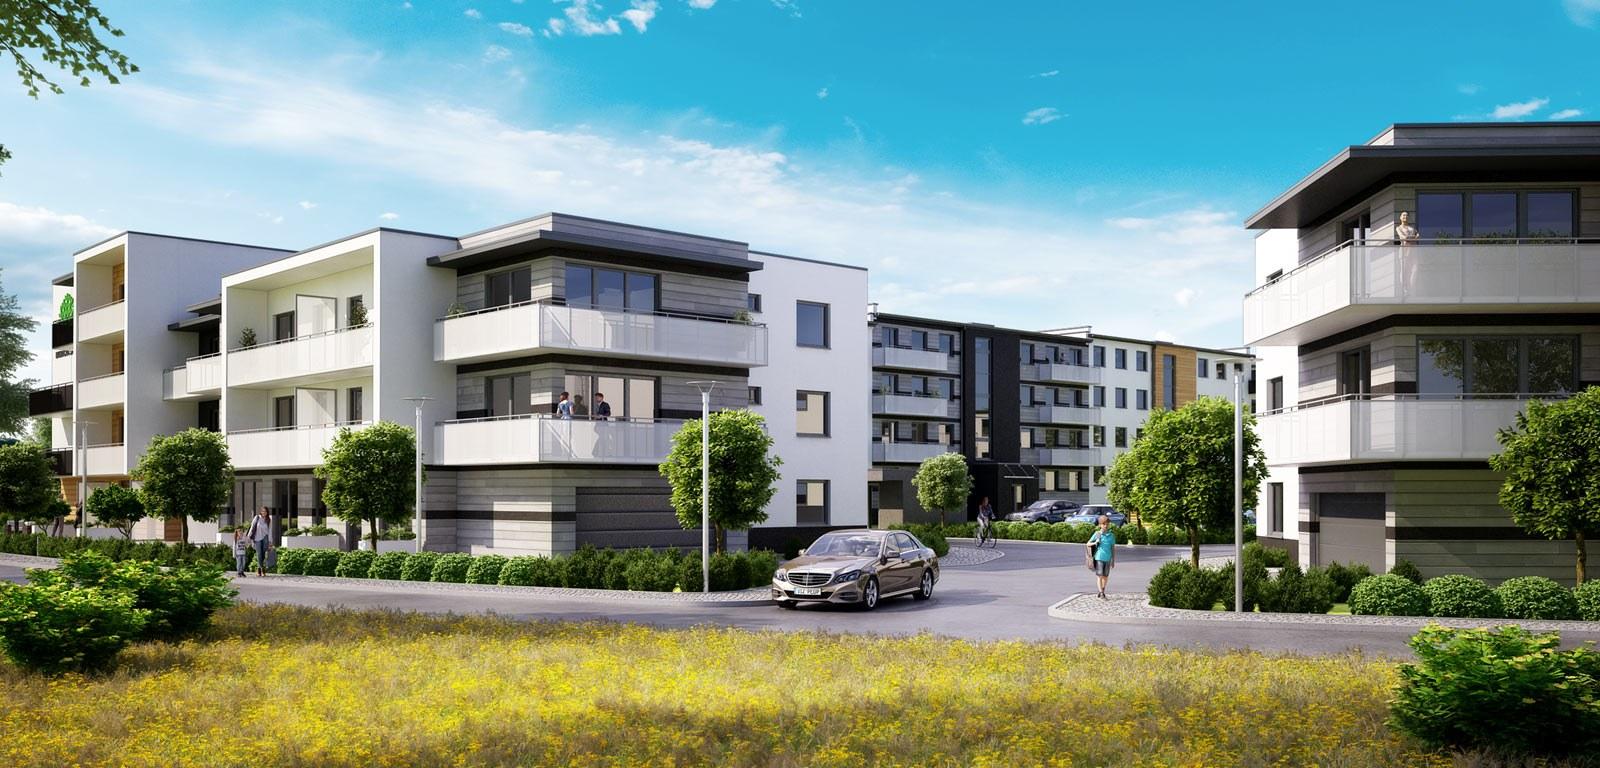 Nowe-mieszkania-Poznan-3